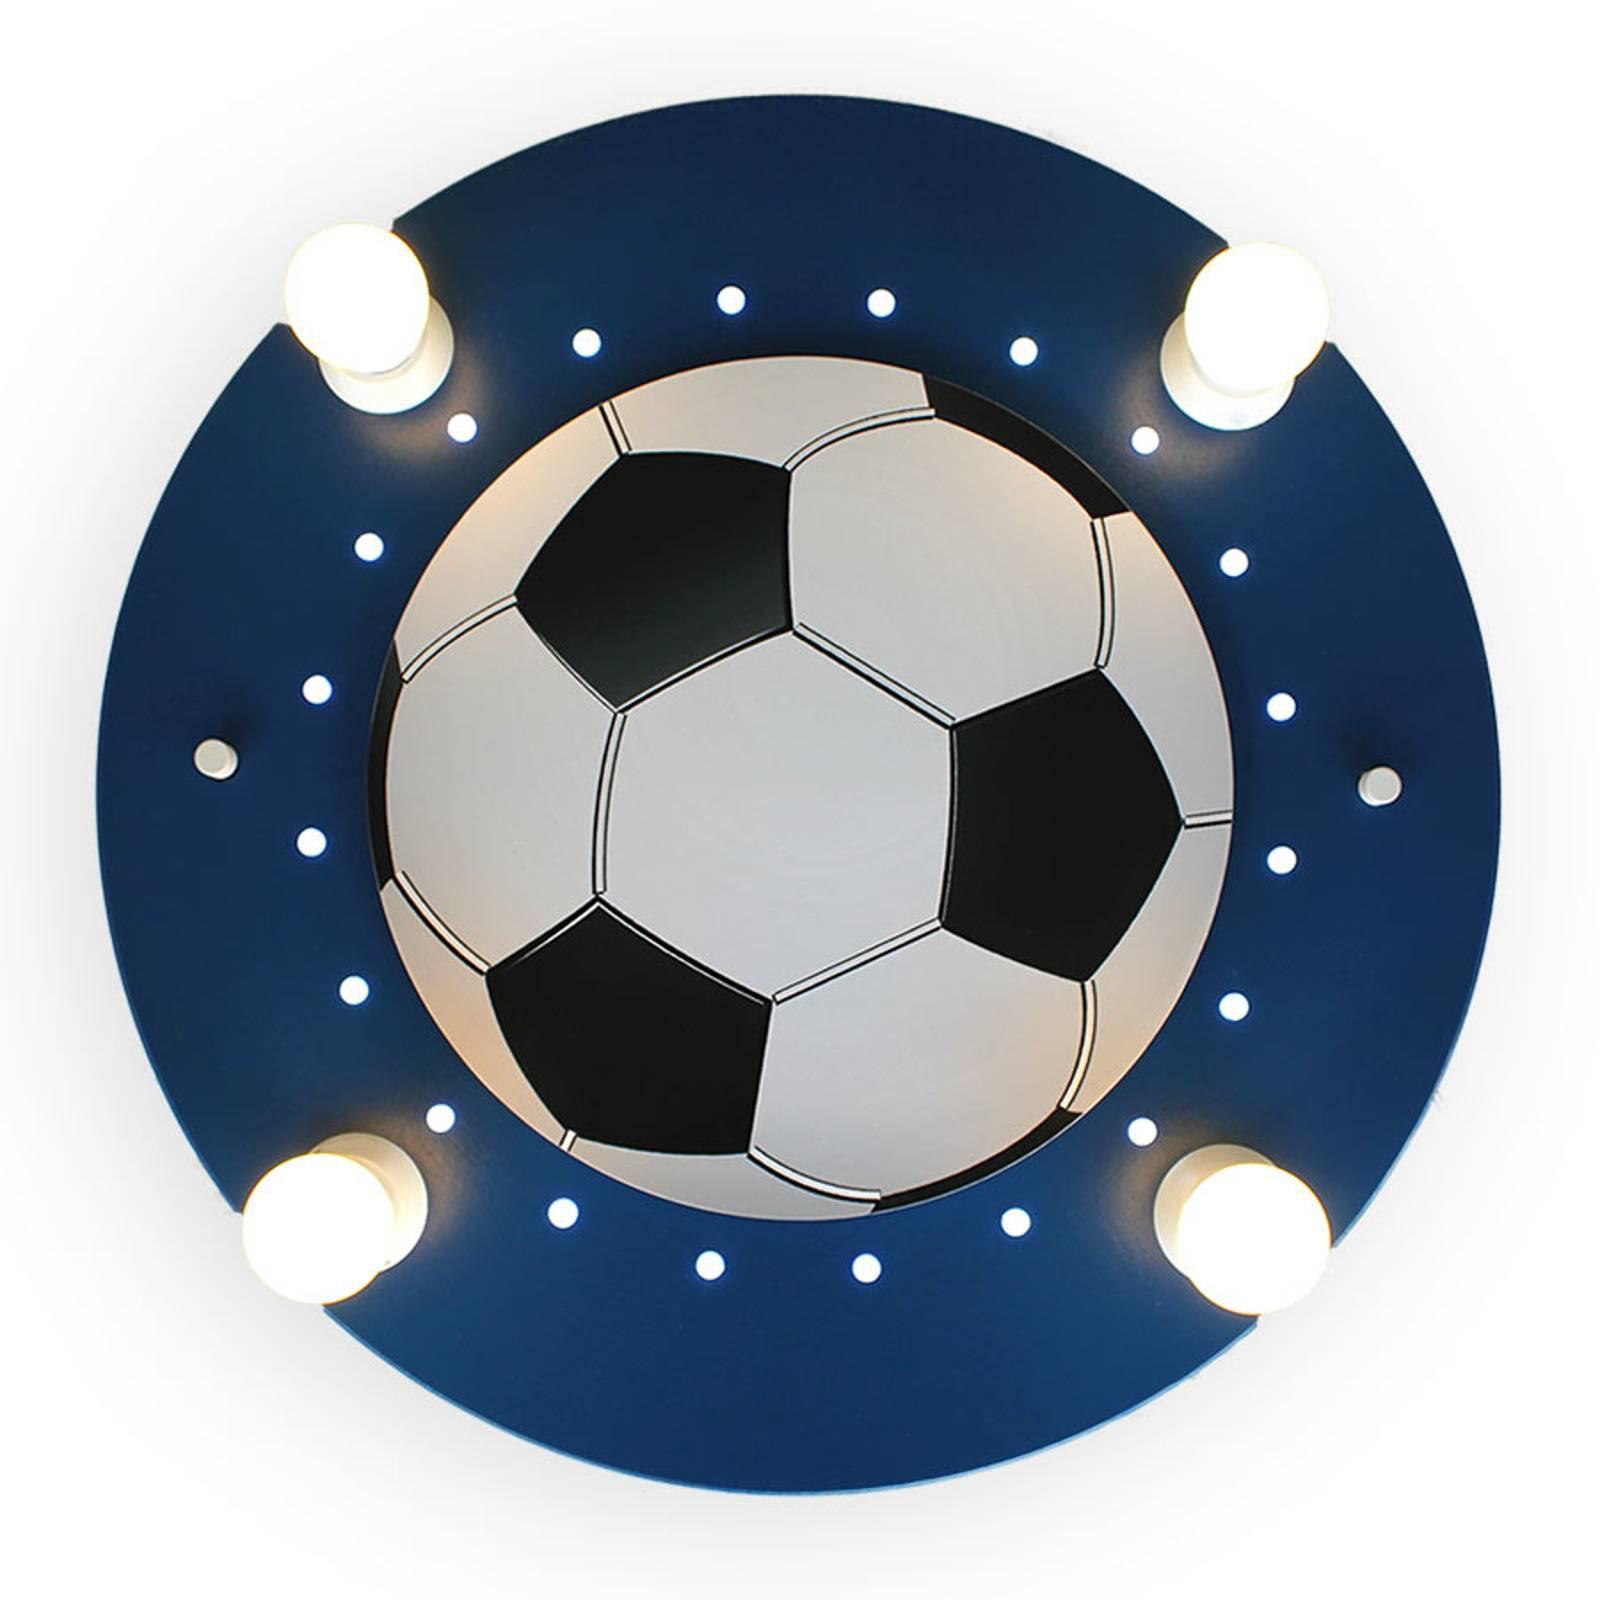 Taklampe Fotball, 4 lyskilder, mørkeblå og hvit